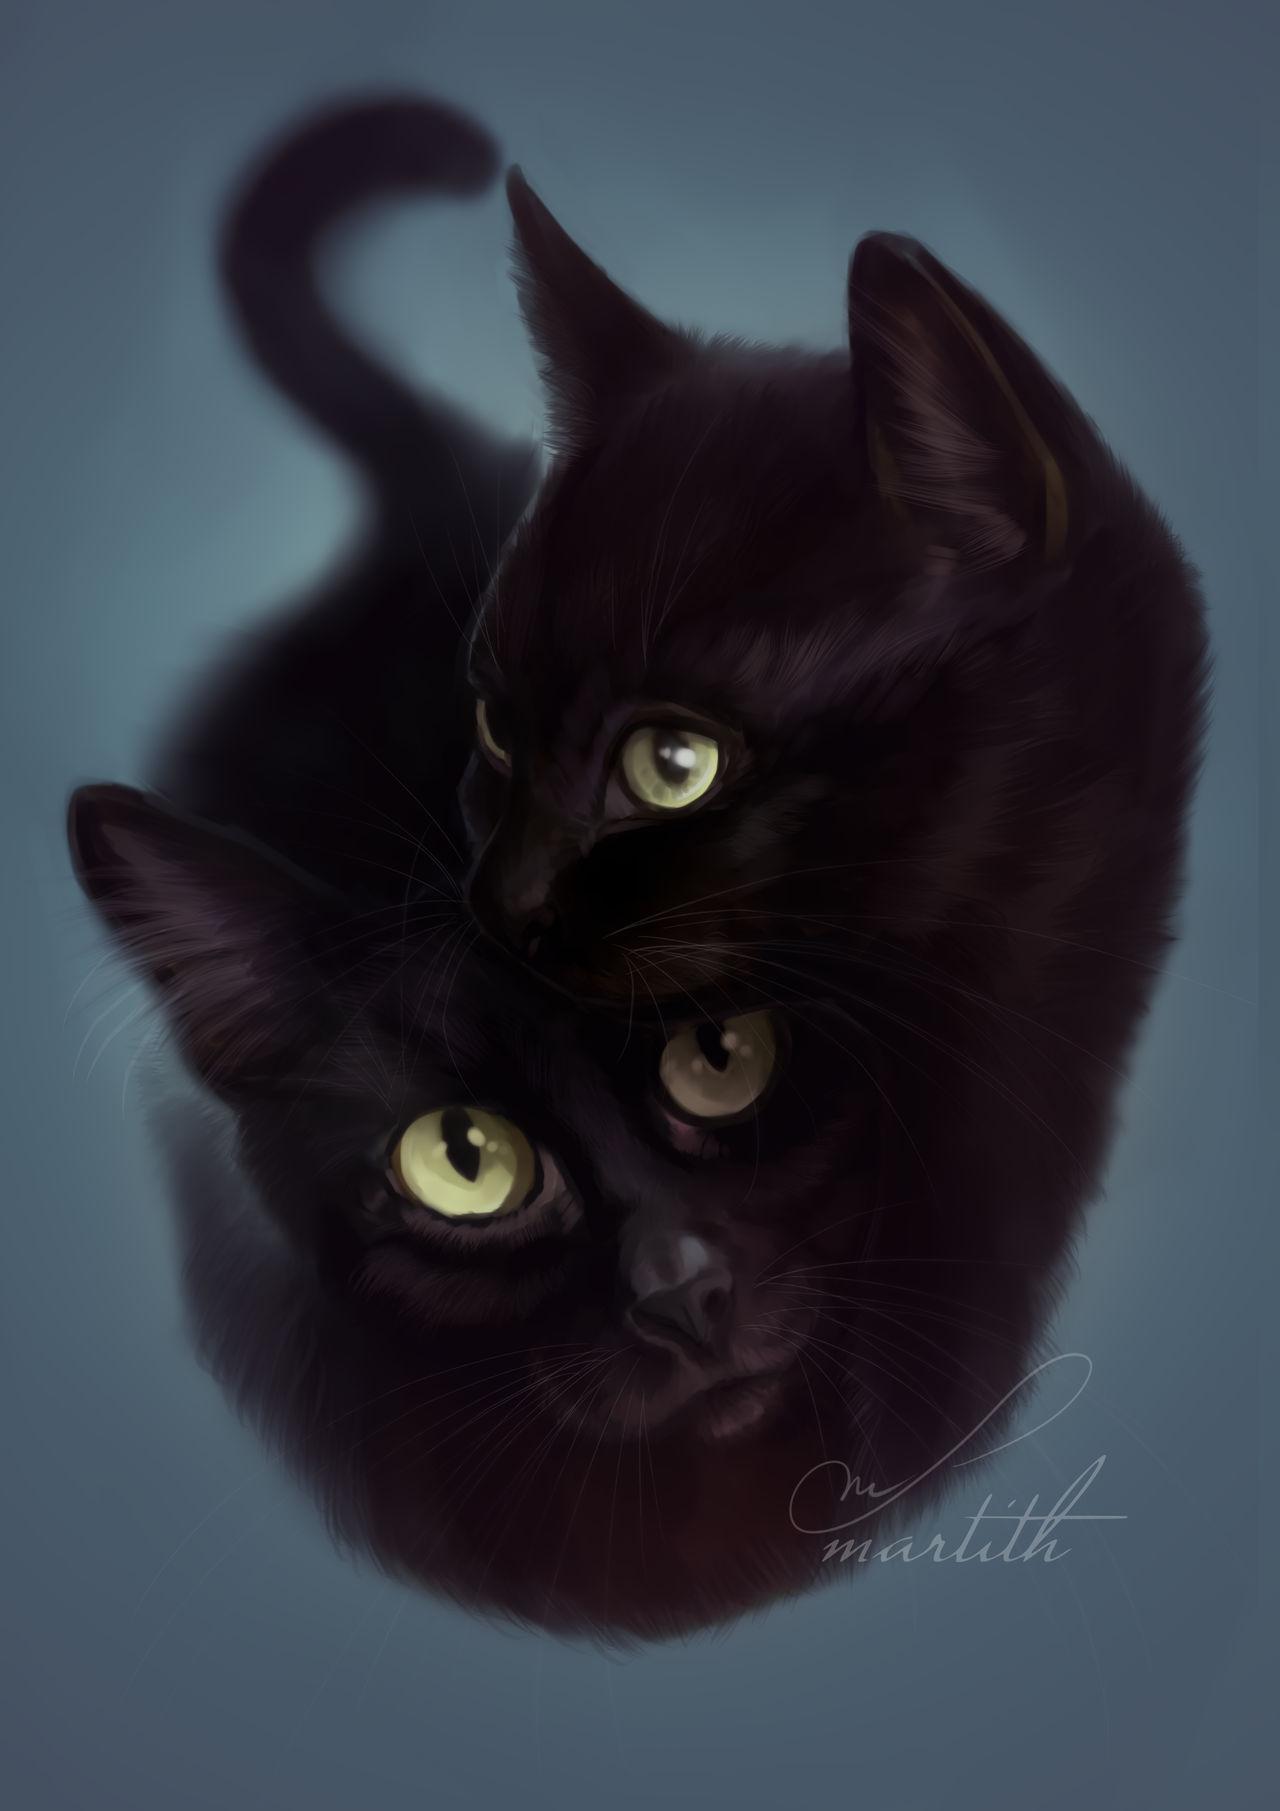 Окрасы кошек с фото и названиями статье есть